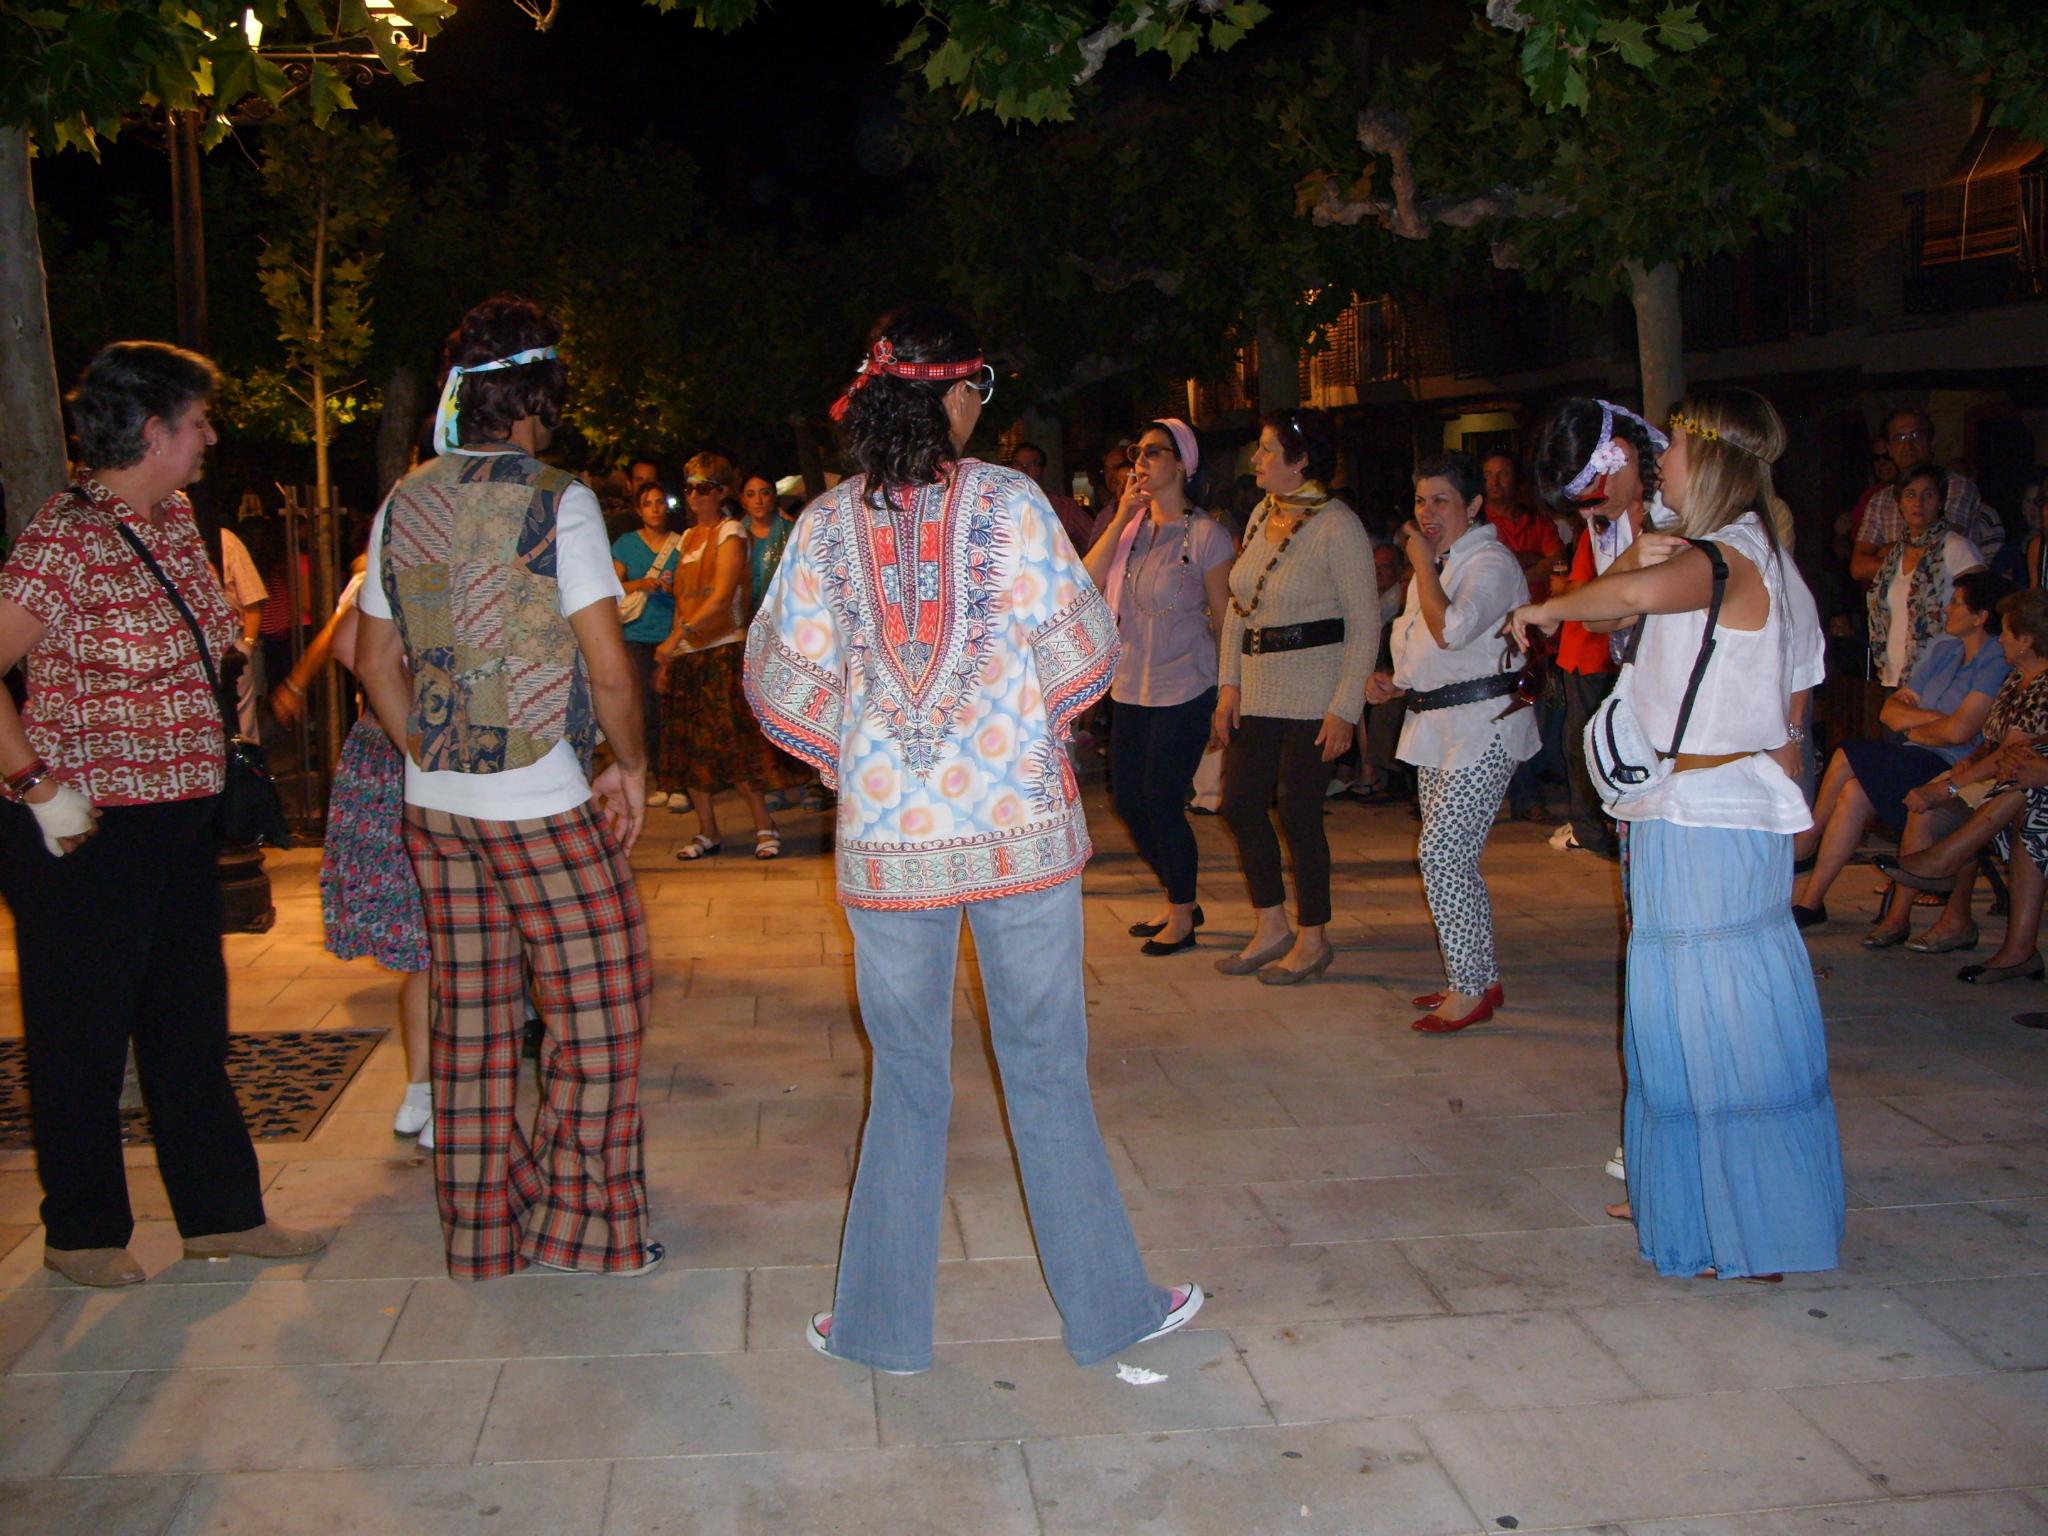 Fiestas de Astudillo 2011 13